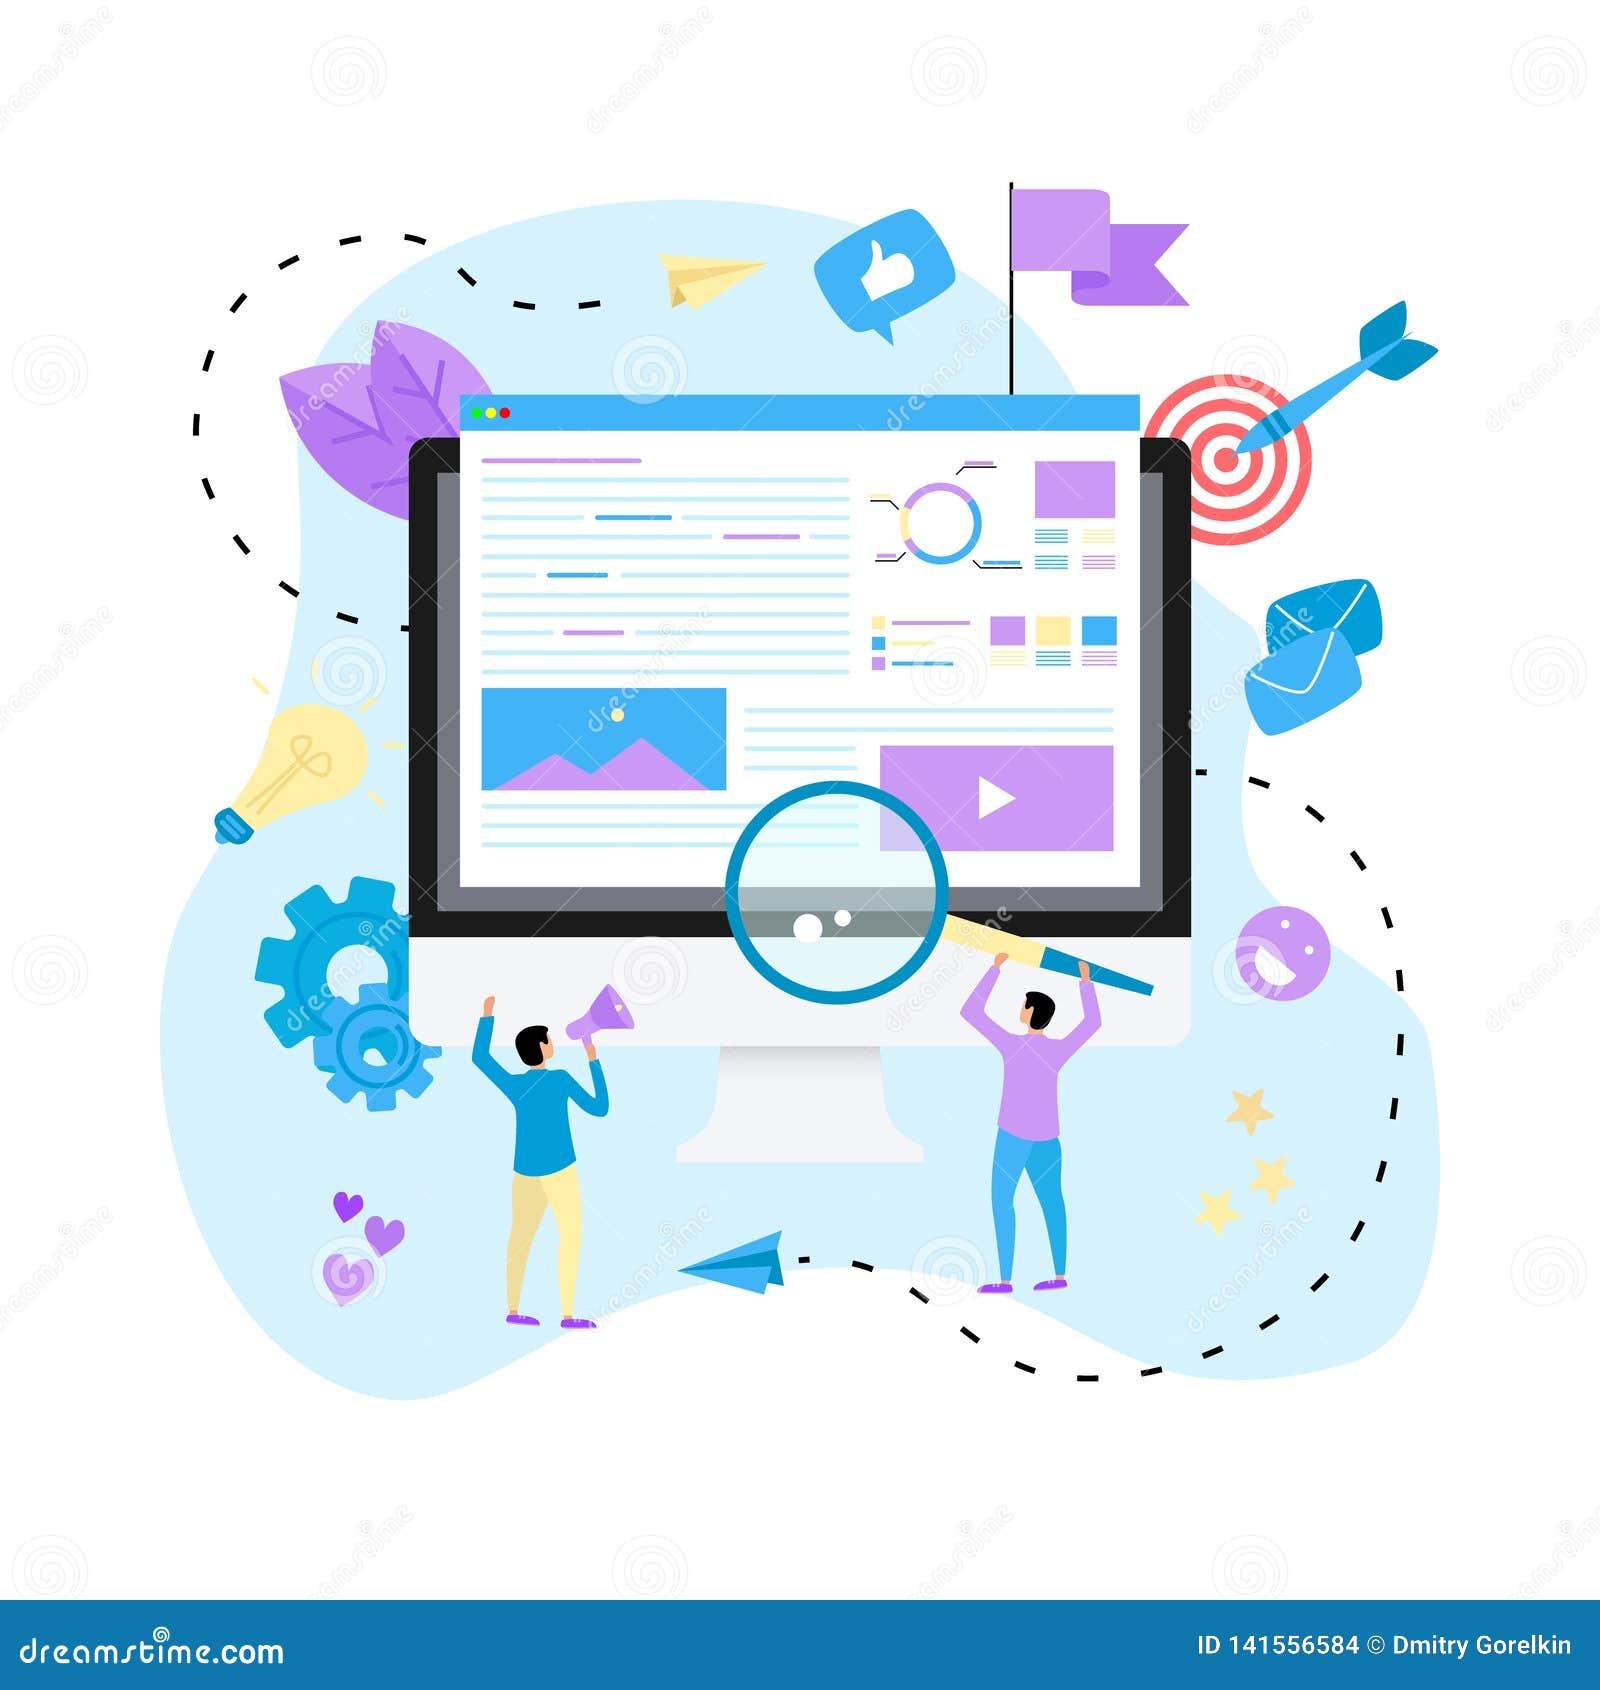 Concept voor Digitaal op de markt brengend agentschap